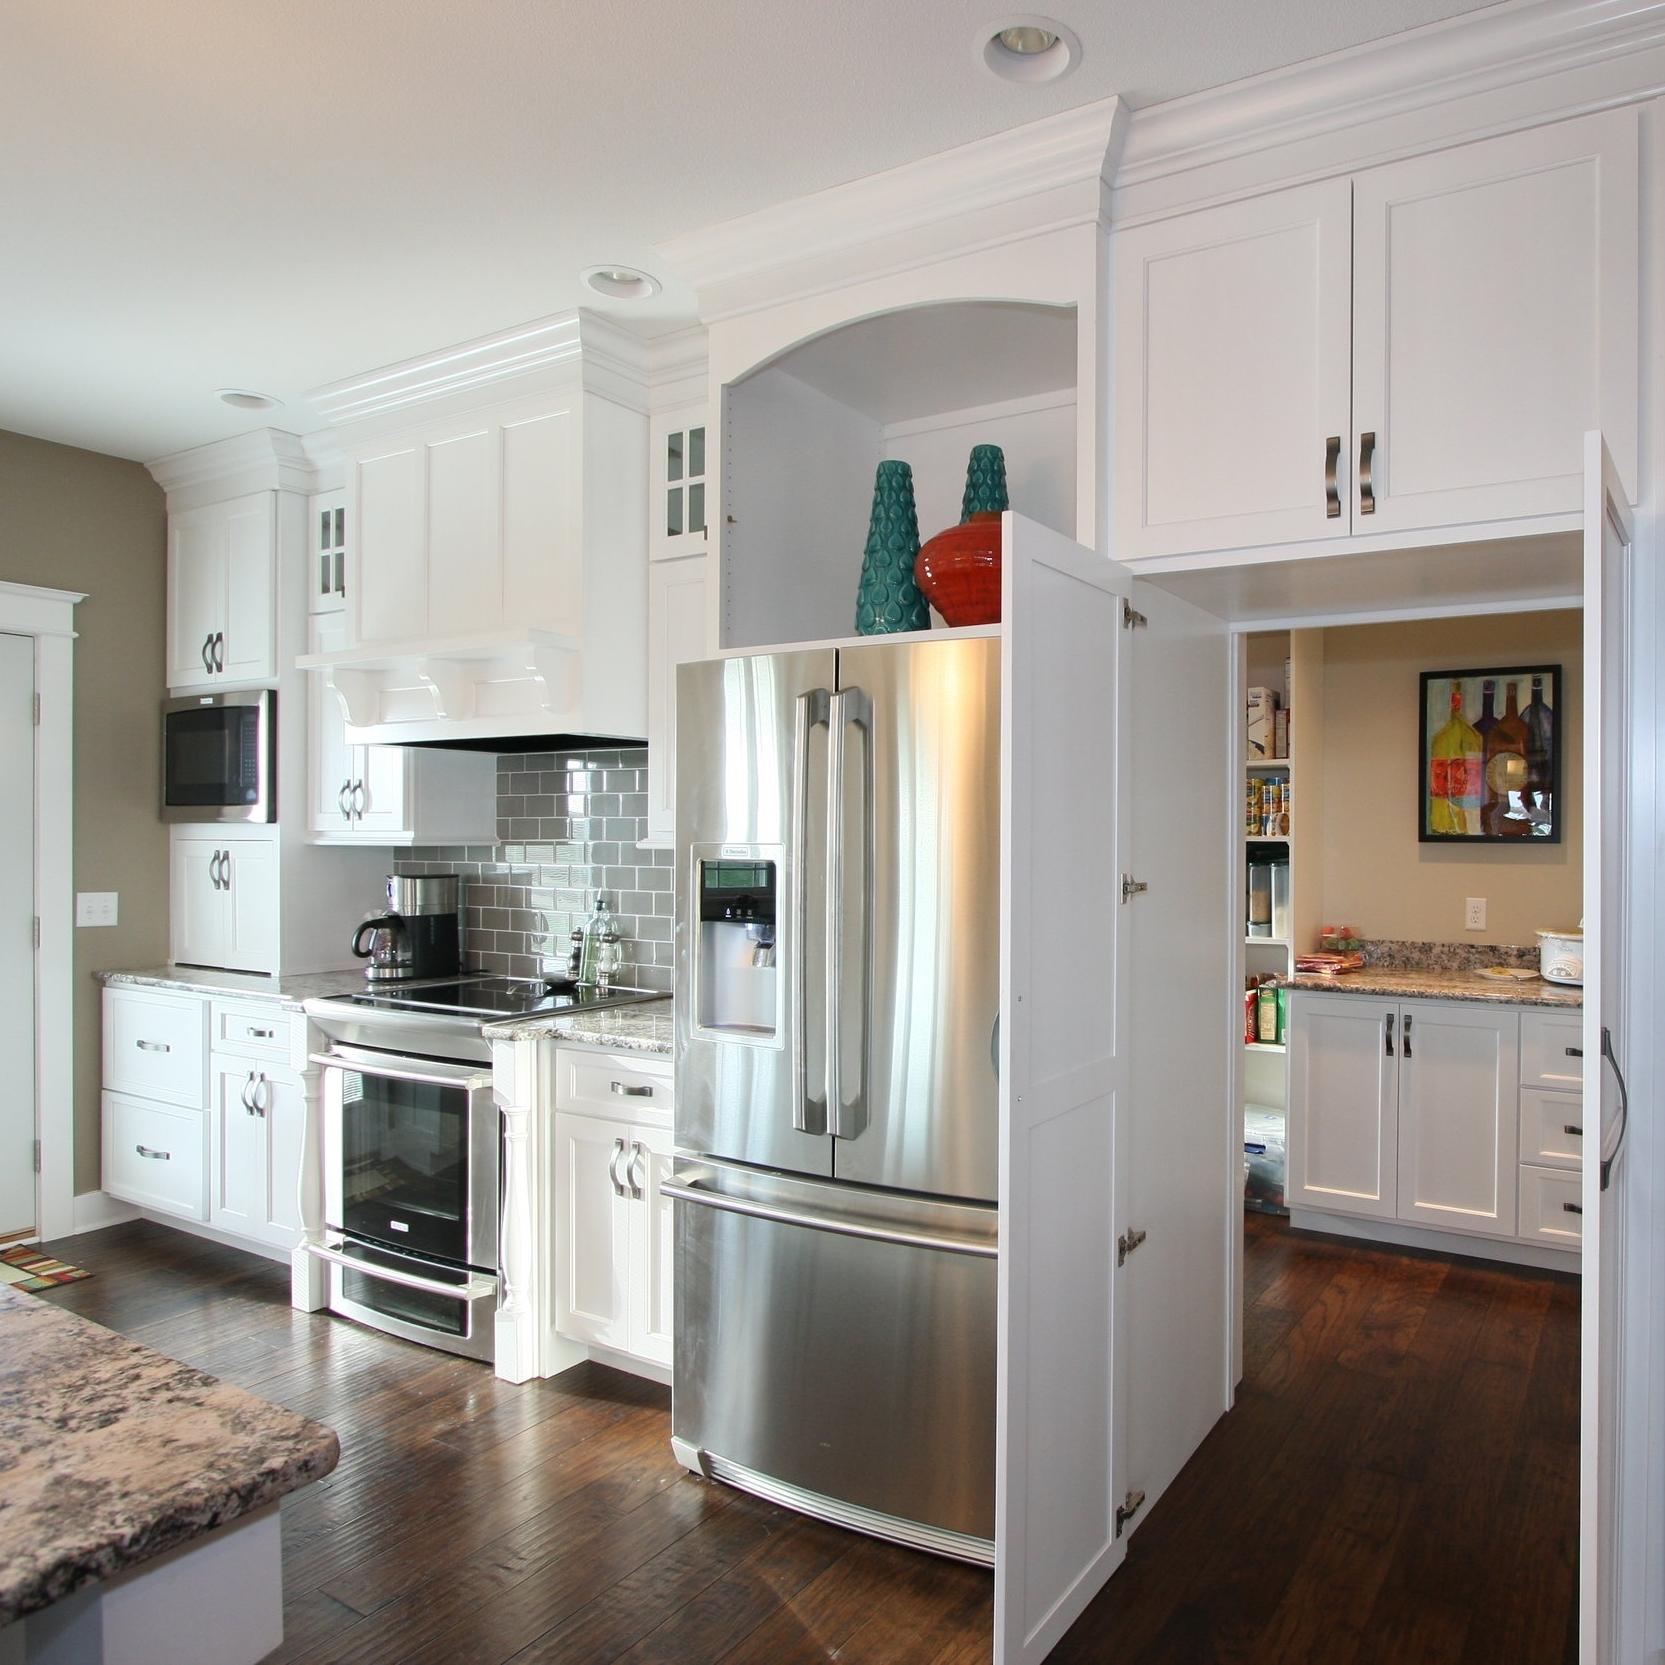 Kitchens + Pantries